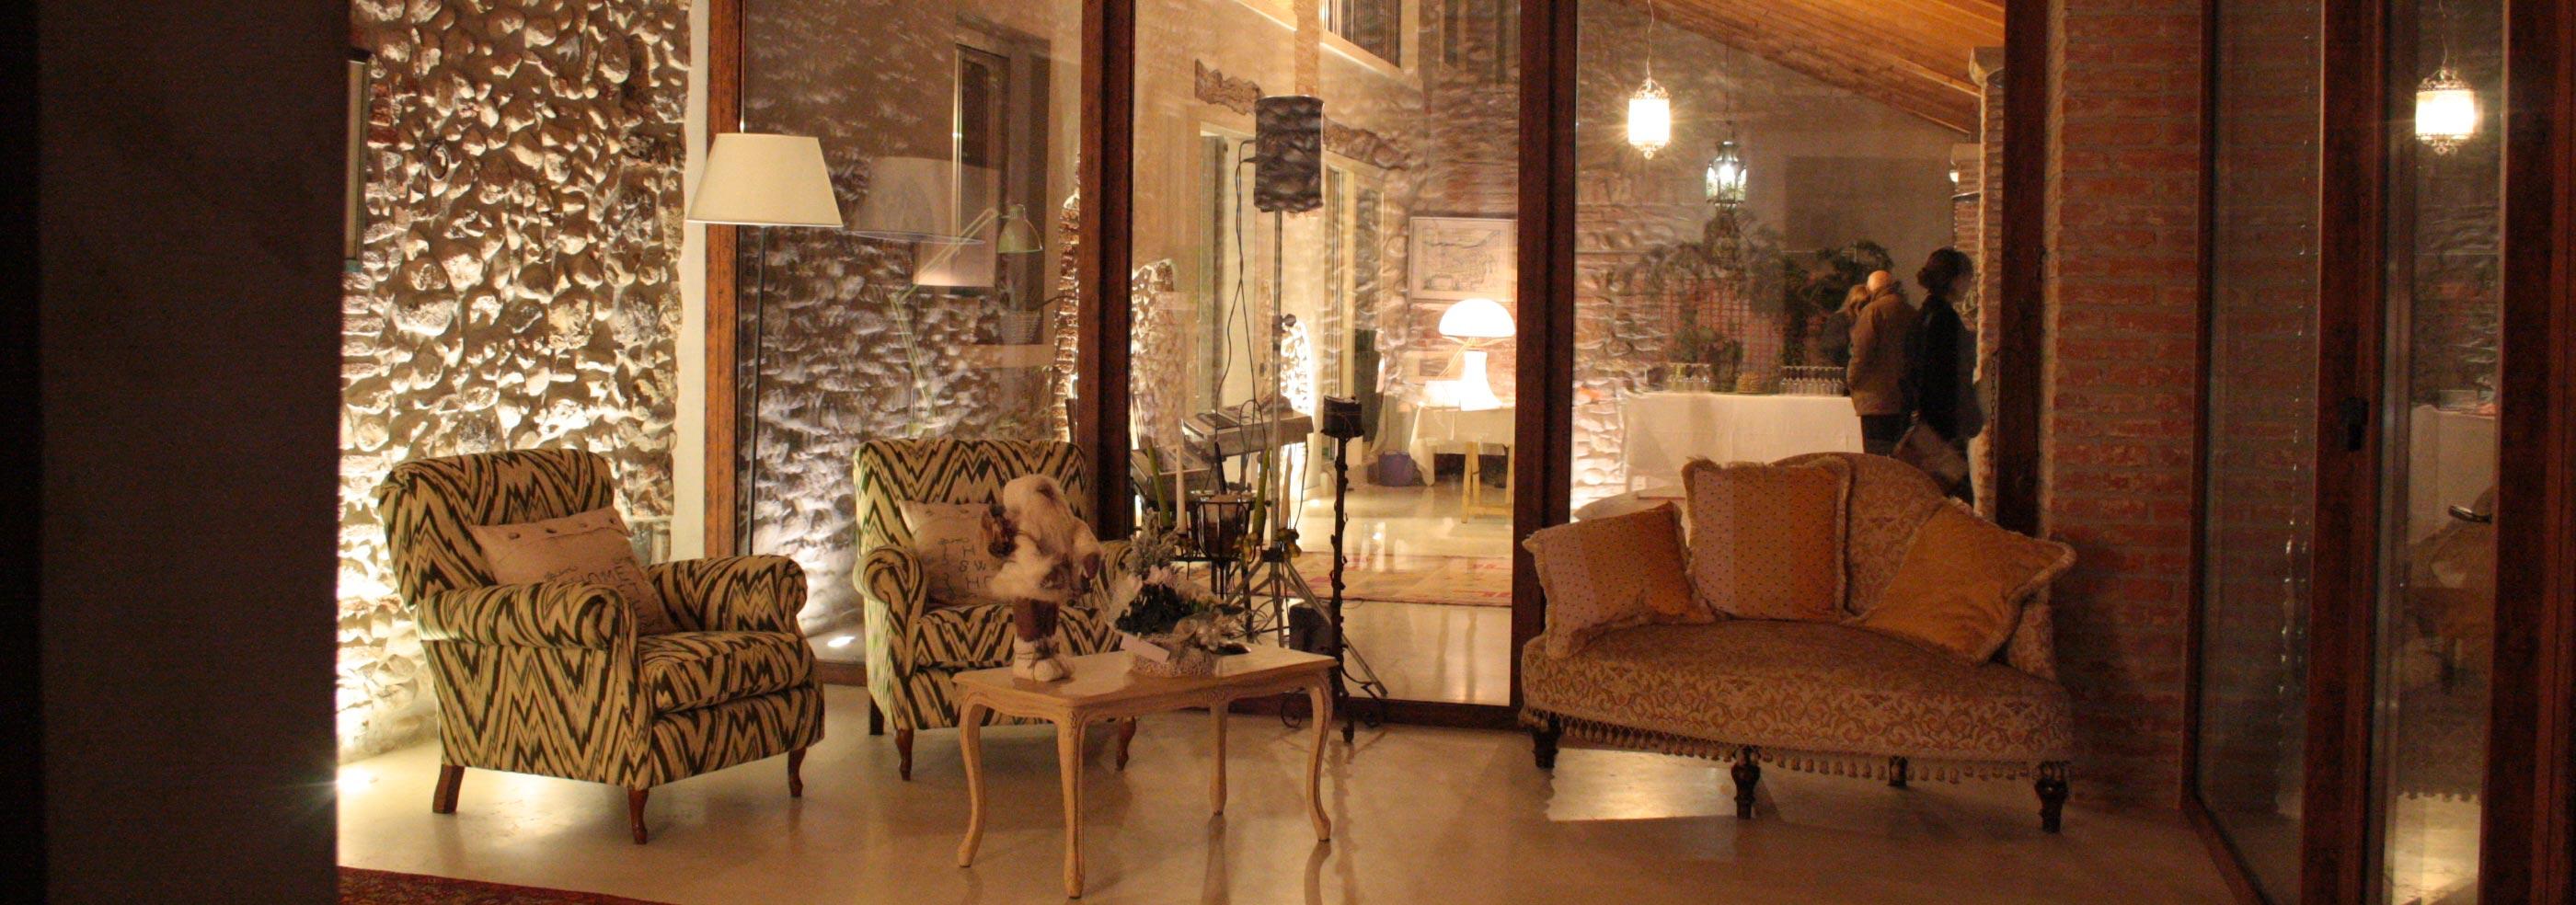 Casa di campagna castello bed breakfast a sarcedo for Prezzi delle case di campagna